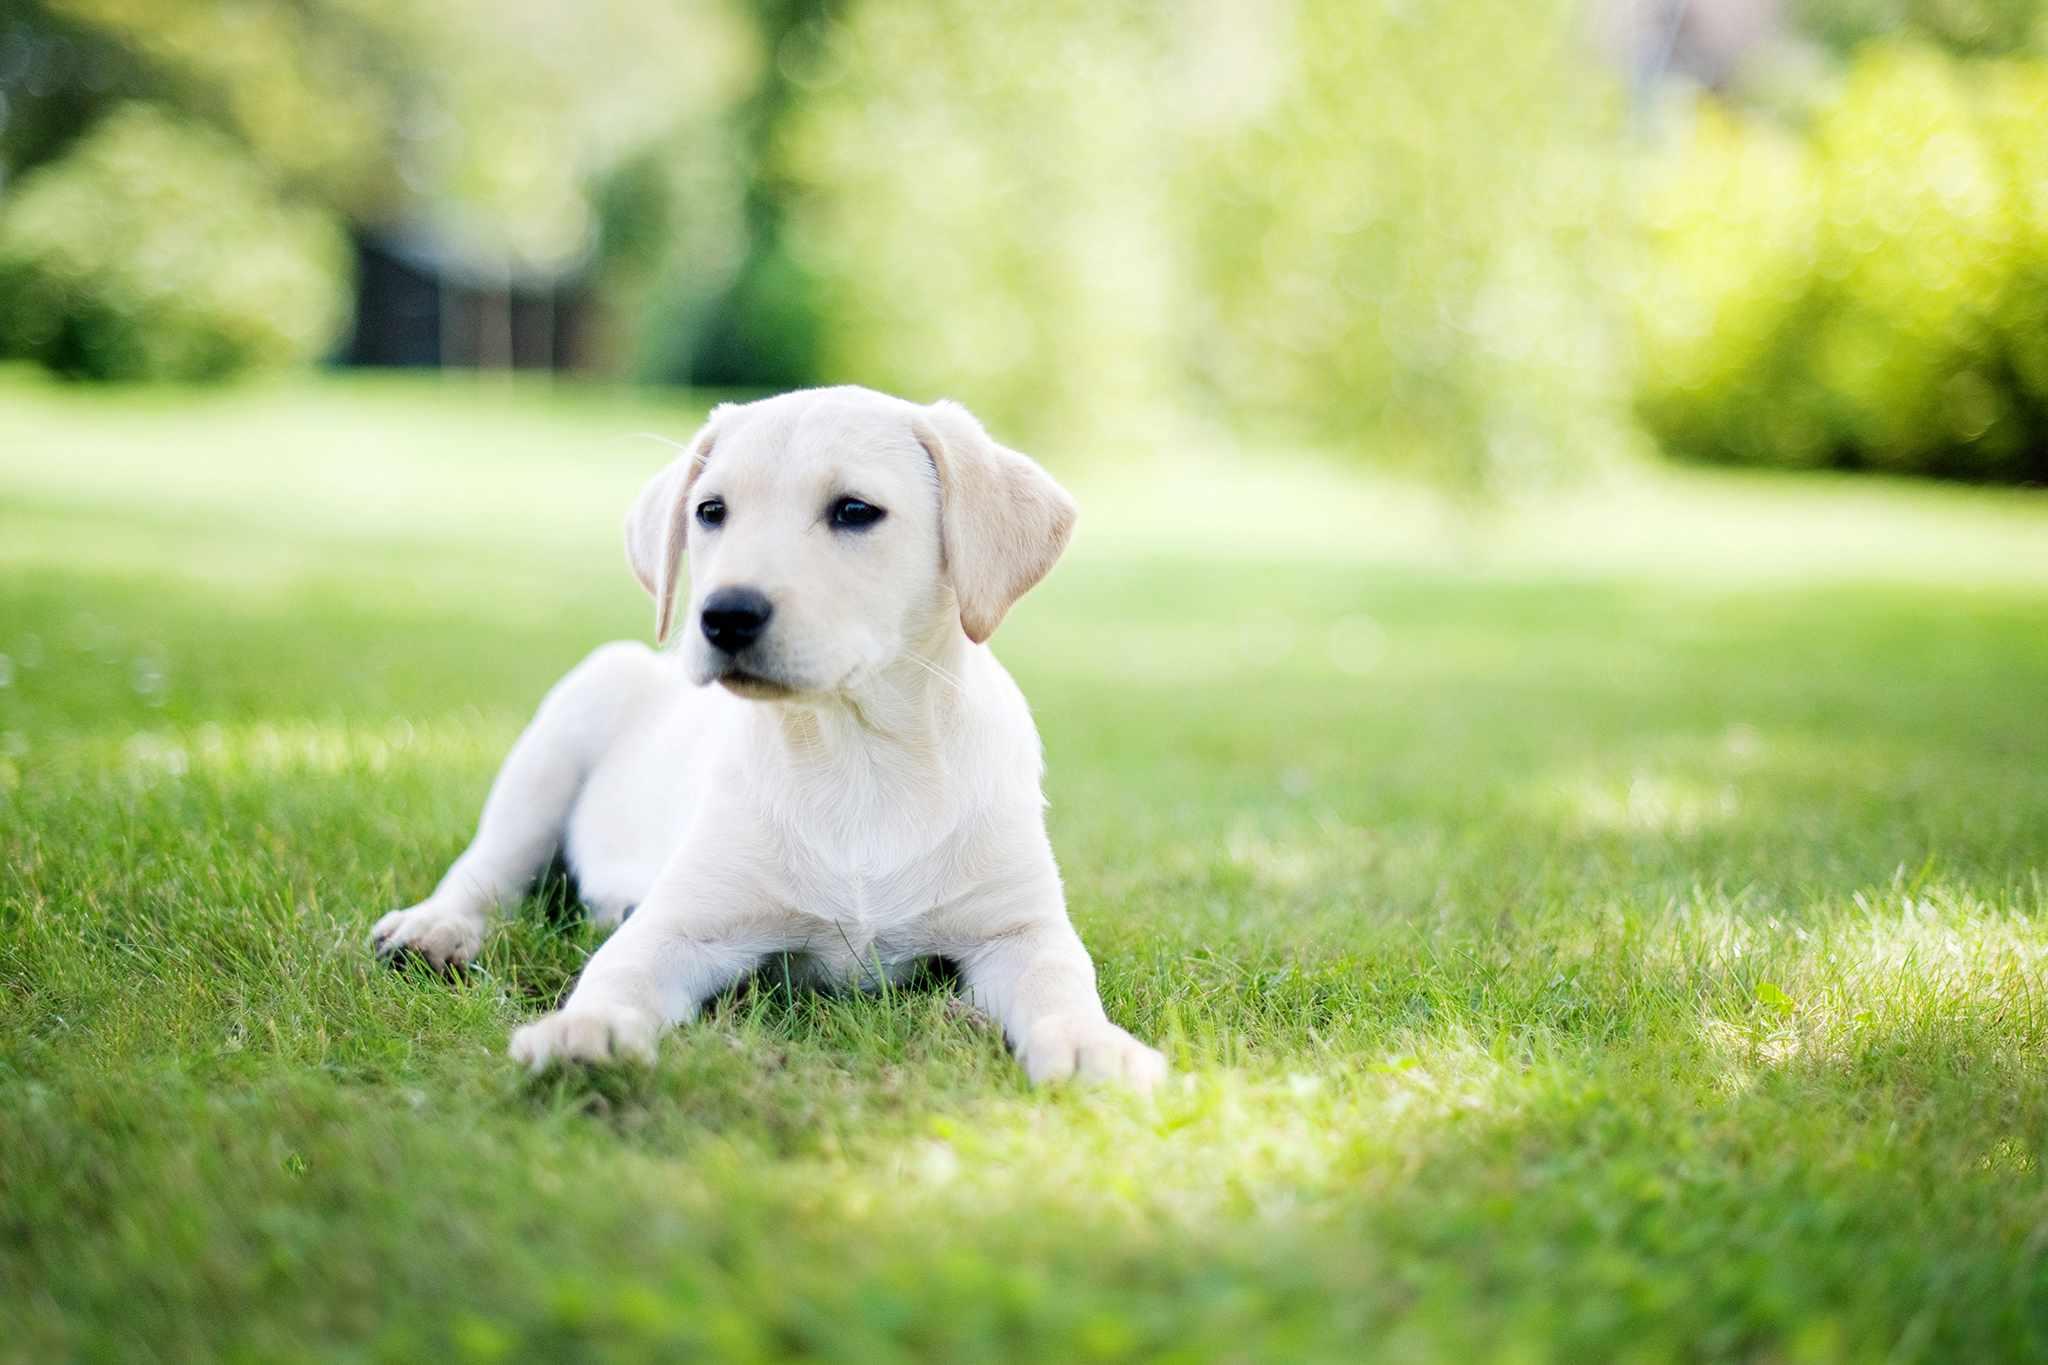 Labrador puppy in garden UK Getty Images